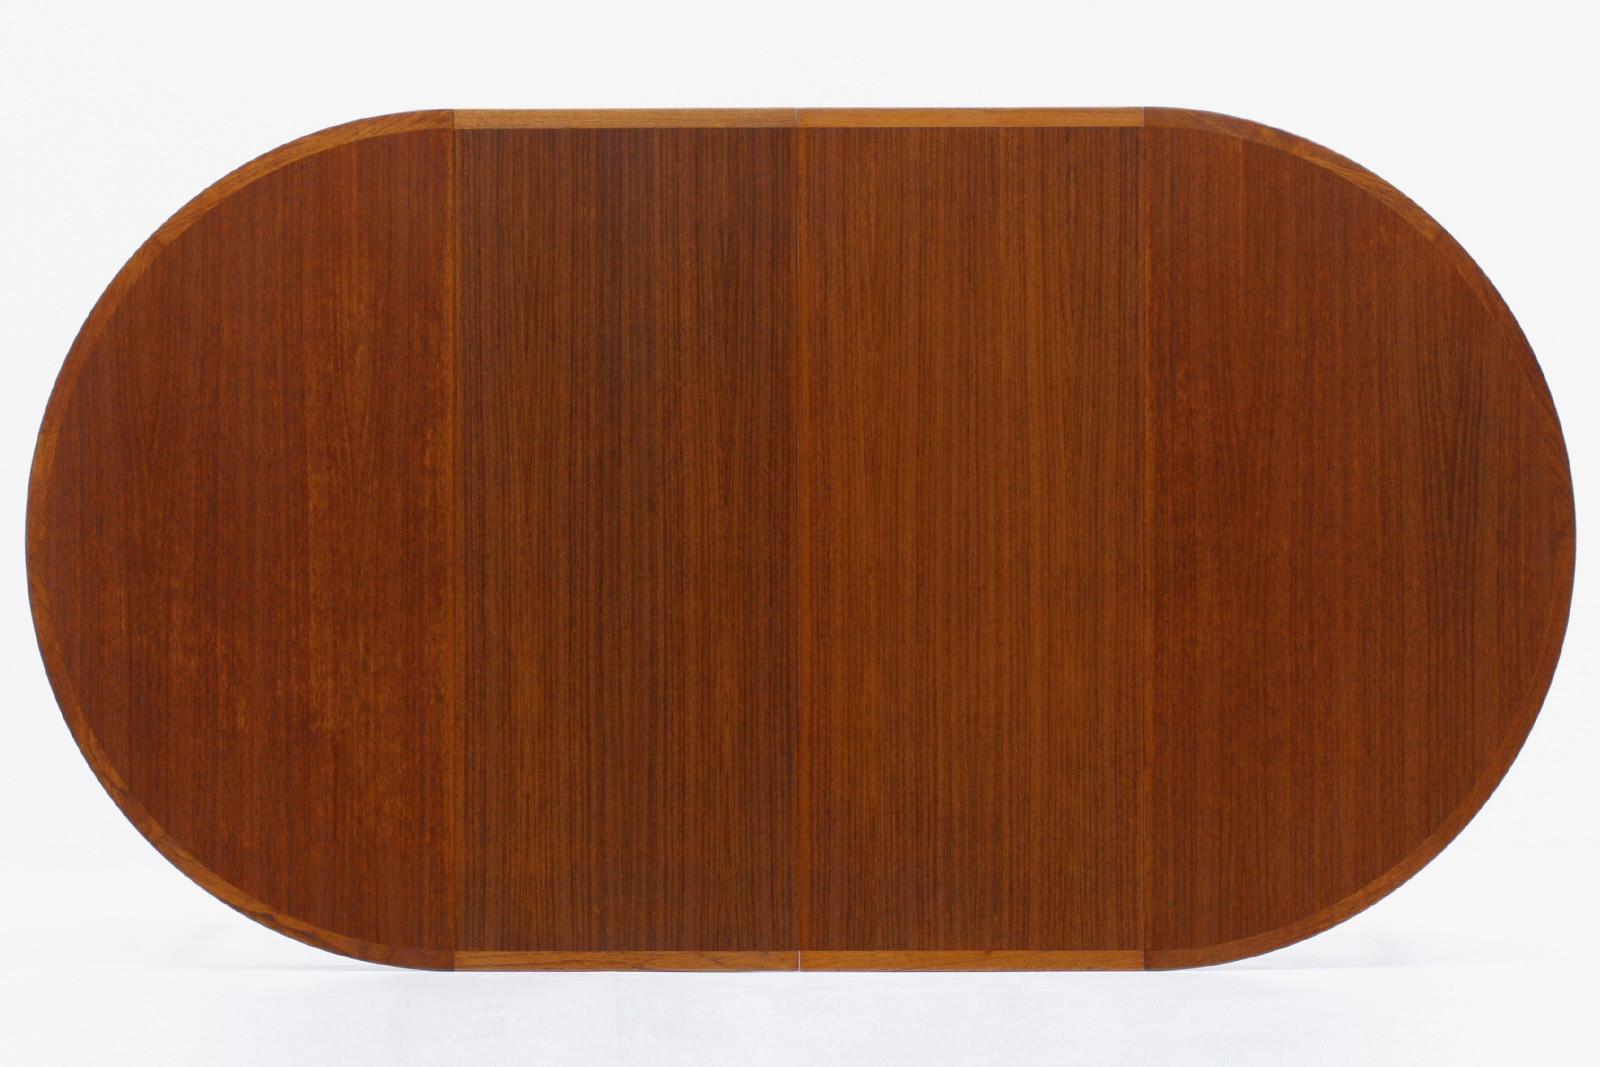 北欧,ダイニングテーブル,丸,ヴィンテージ,家具